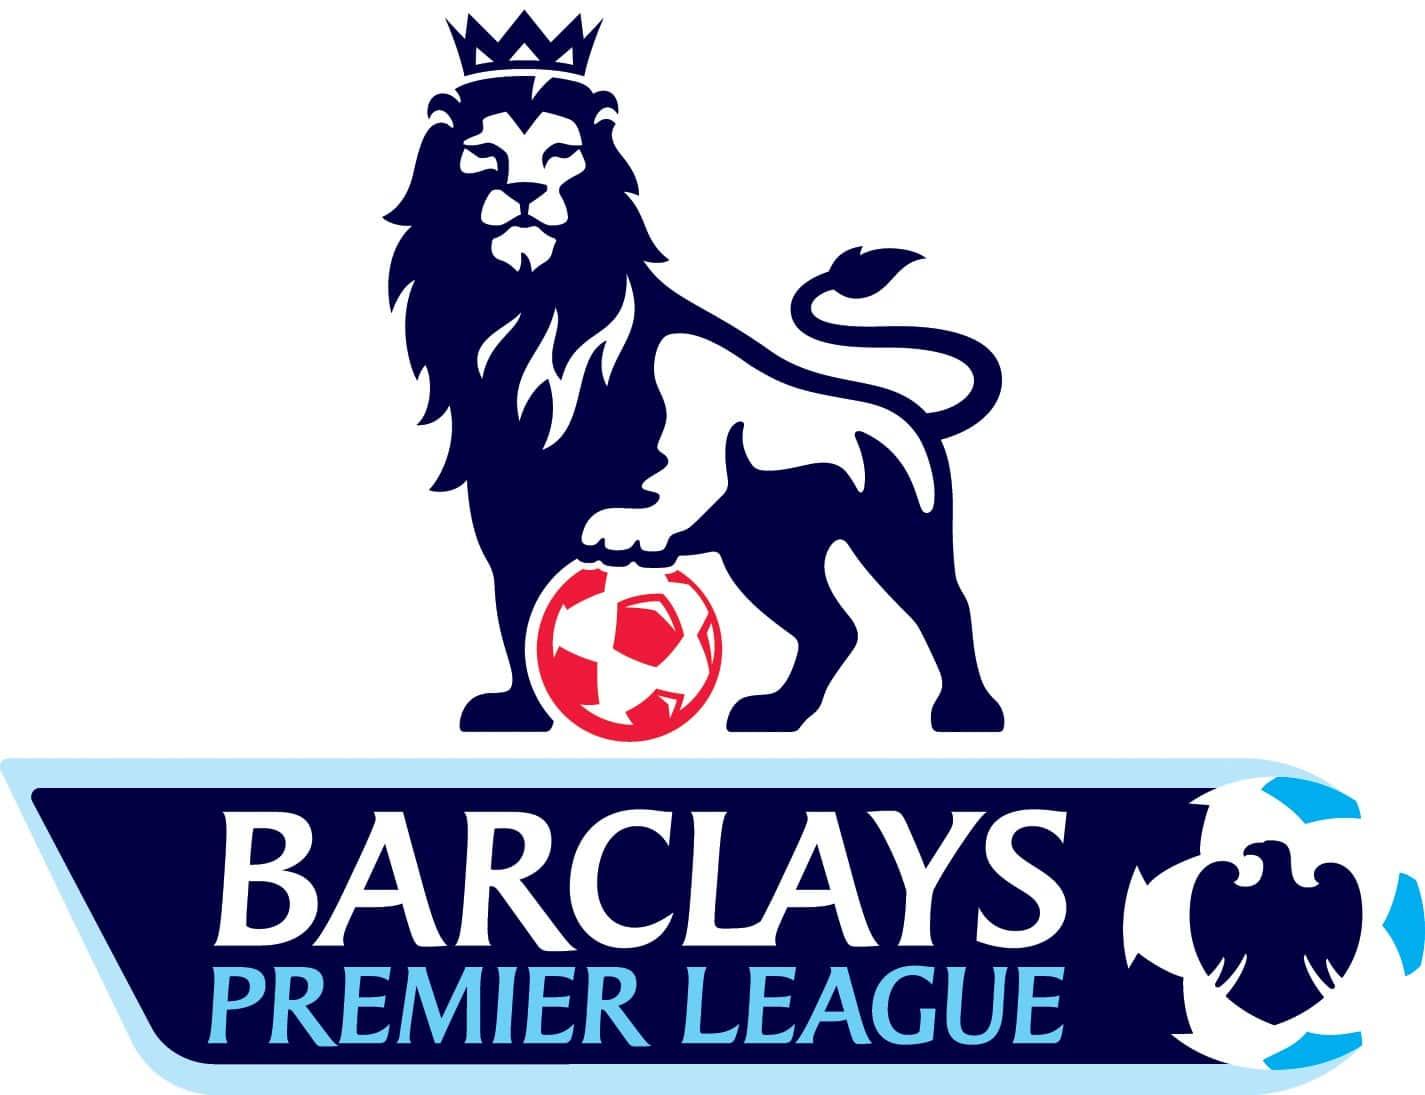 La Premier League se queda sin patrocinio de Barclays por machismo